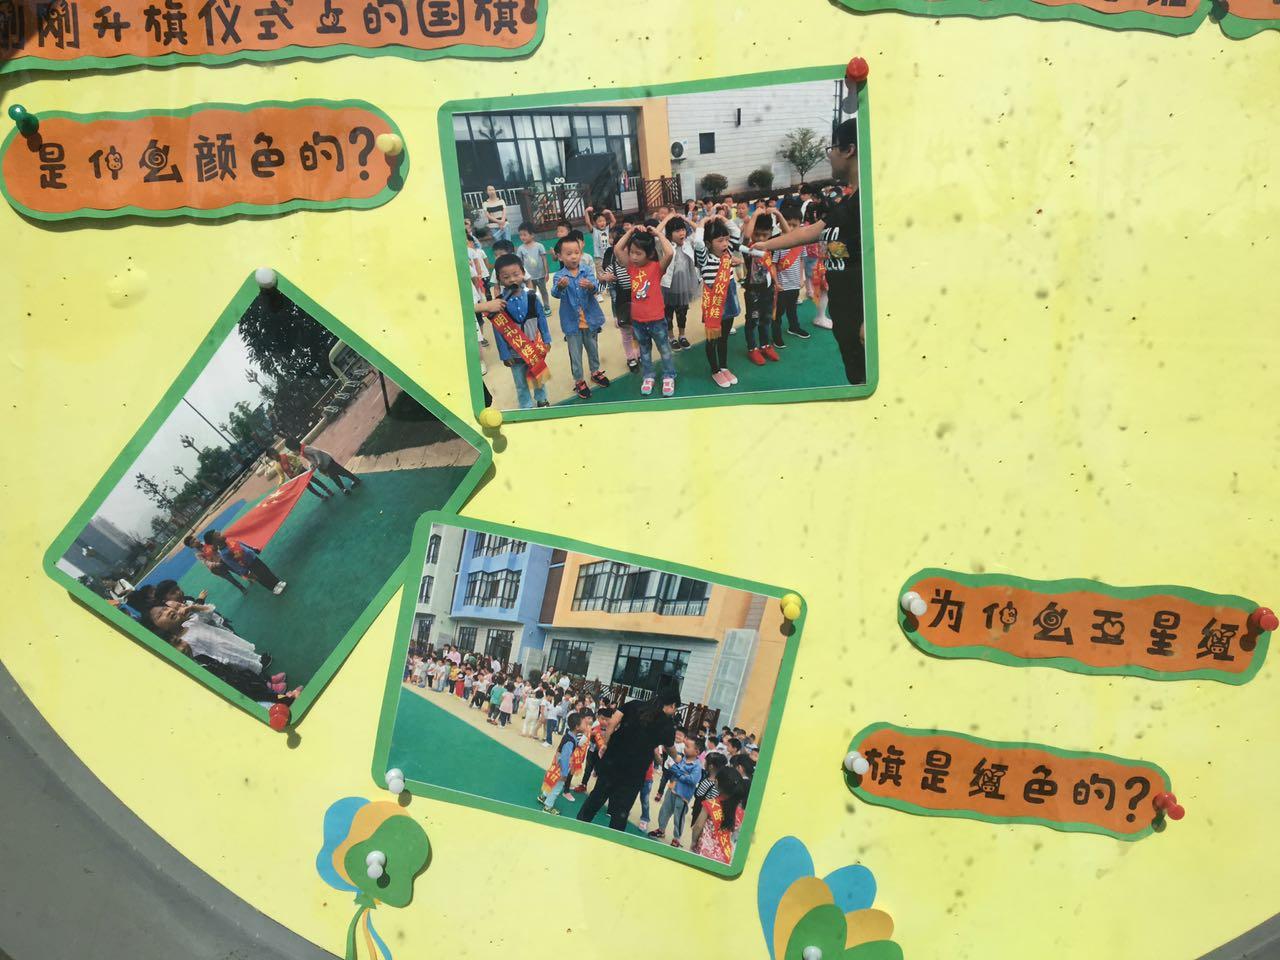 幼儿园宣传窗,小阵地大作用——记科技新城幼儿园宣传窗布置